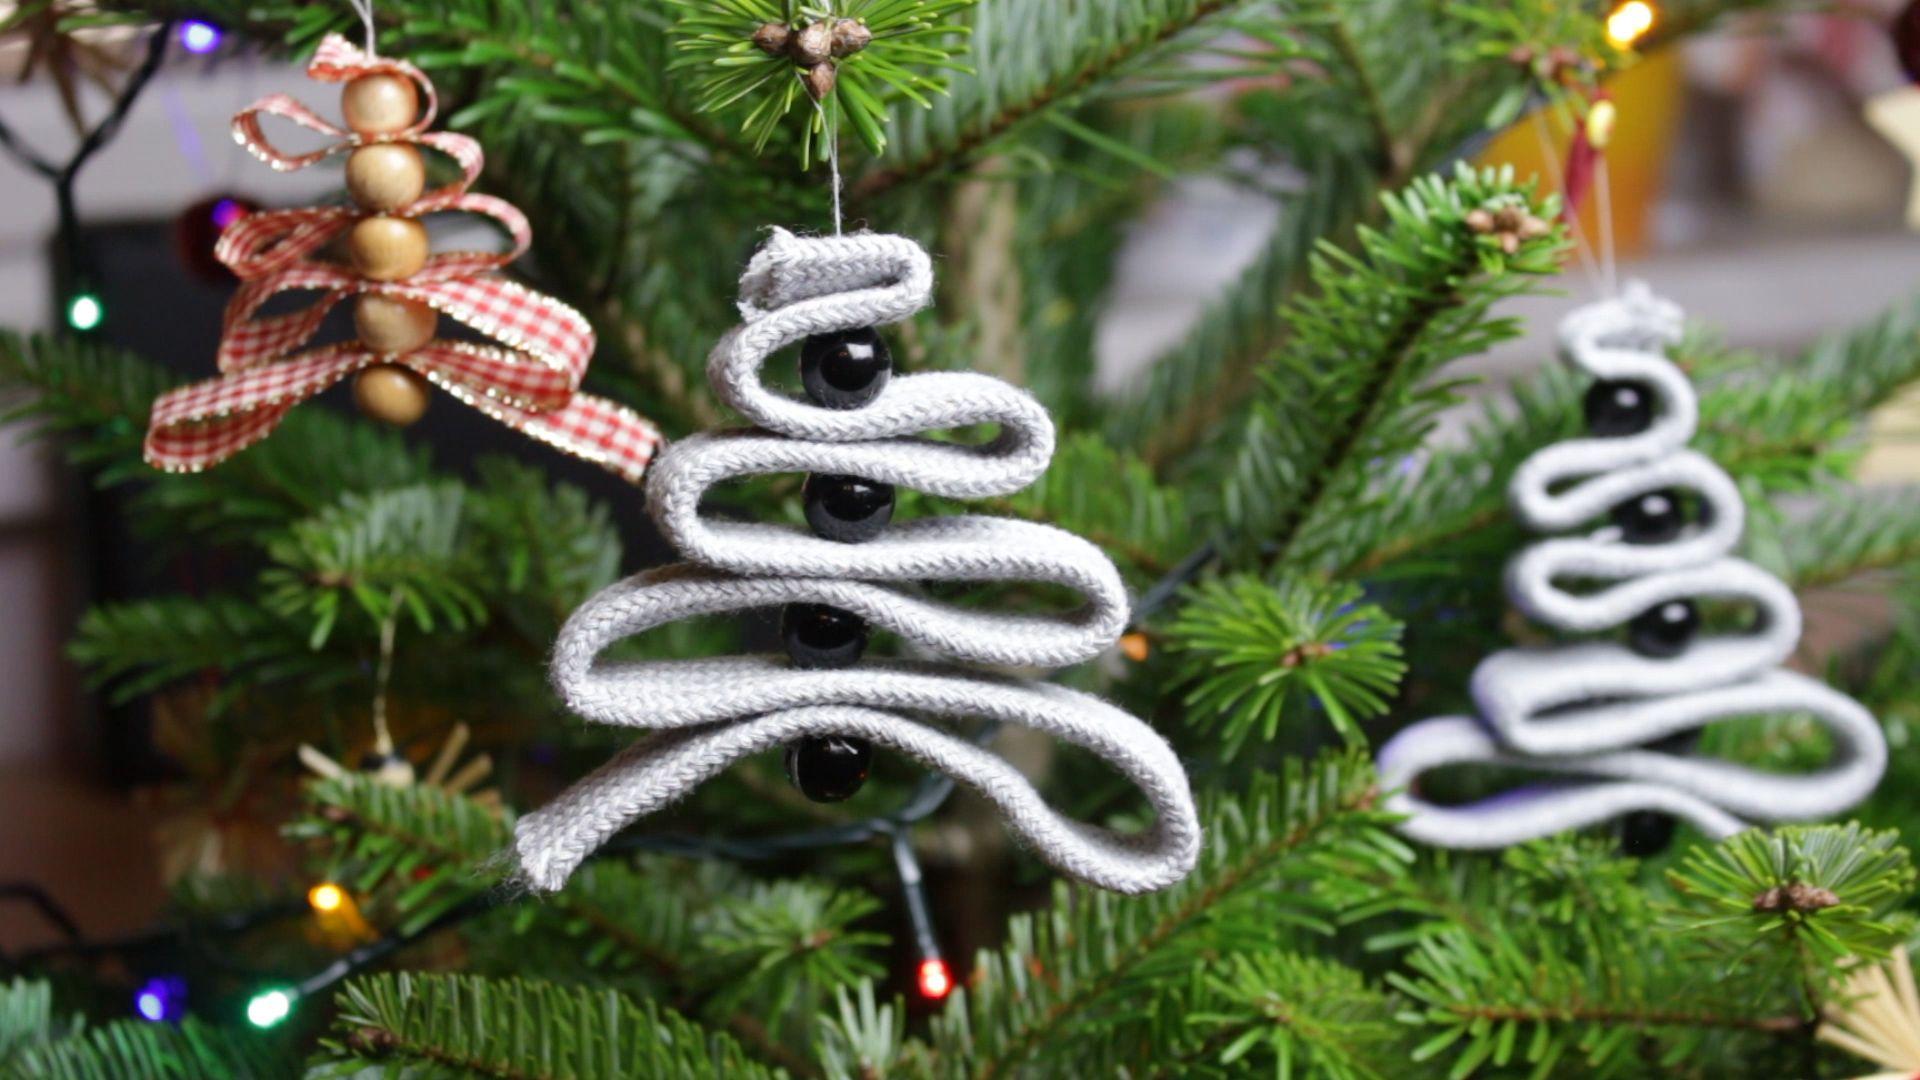 Bílé vánoce spíš nečekejte, tvrdí předpověď. Na Štědrý den má být kolem nuly